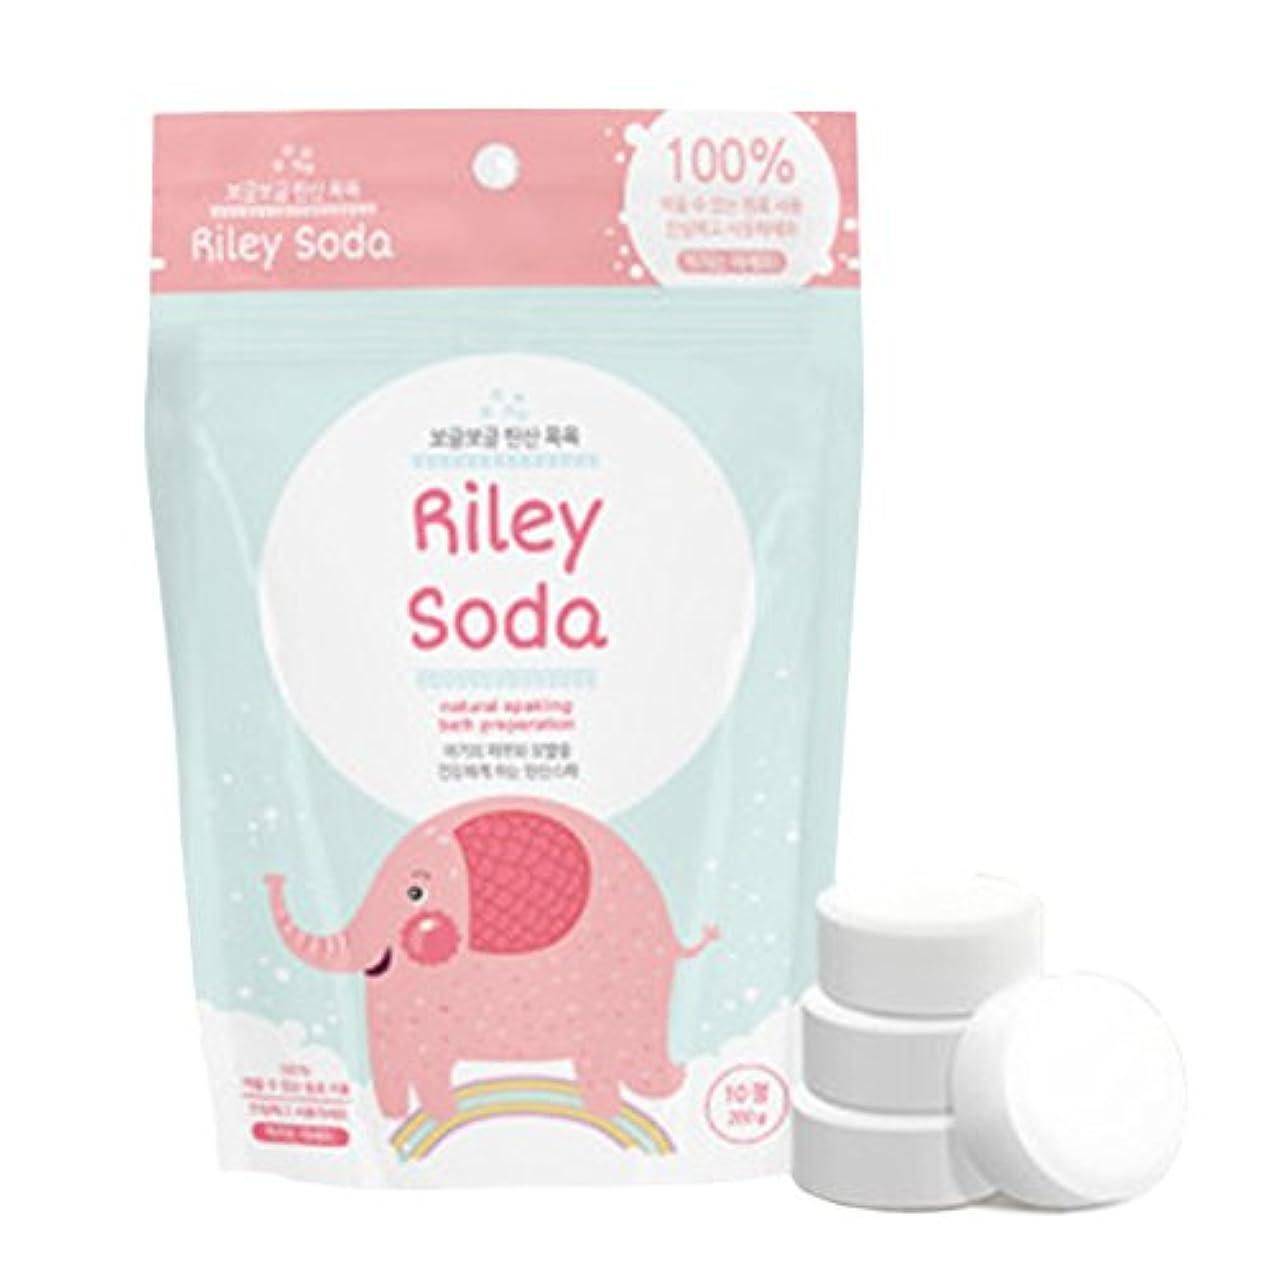 考えた悩む非常に(リリーソ-ダ) Riley Soda アトピー赤ちゃん用炭酸温泉入浴剤 (10錠) [並行輸入品]